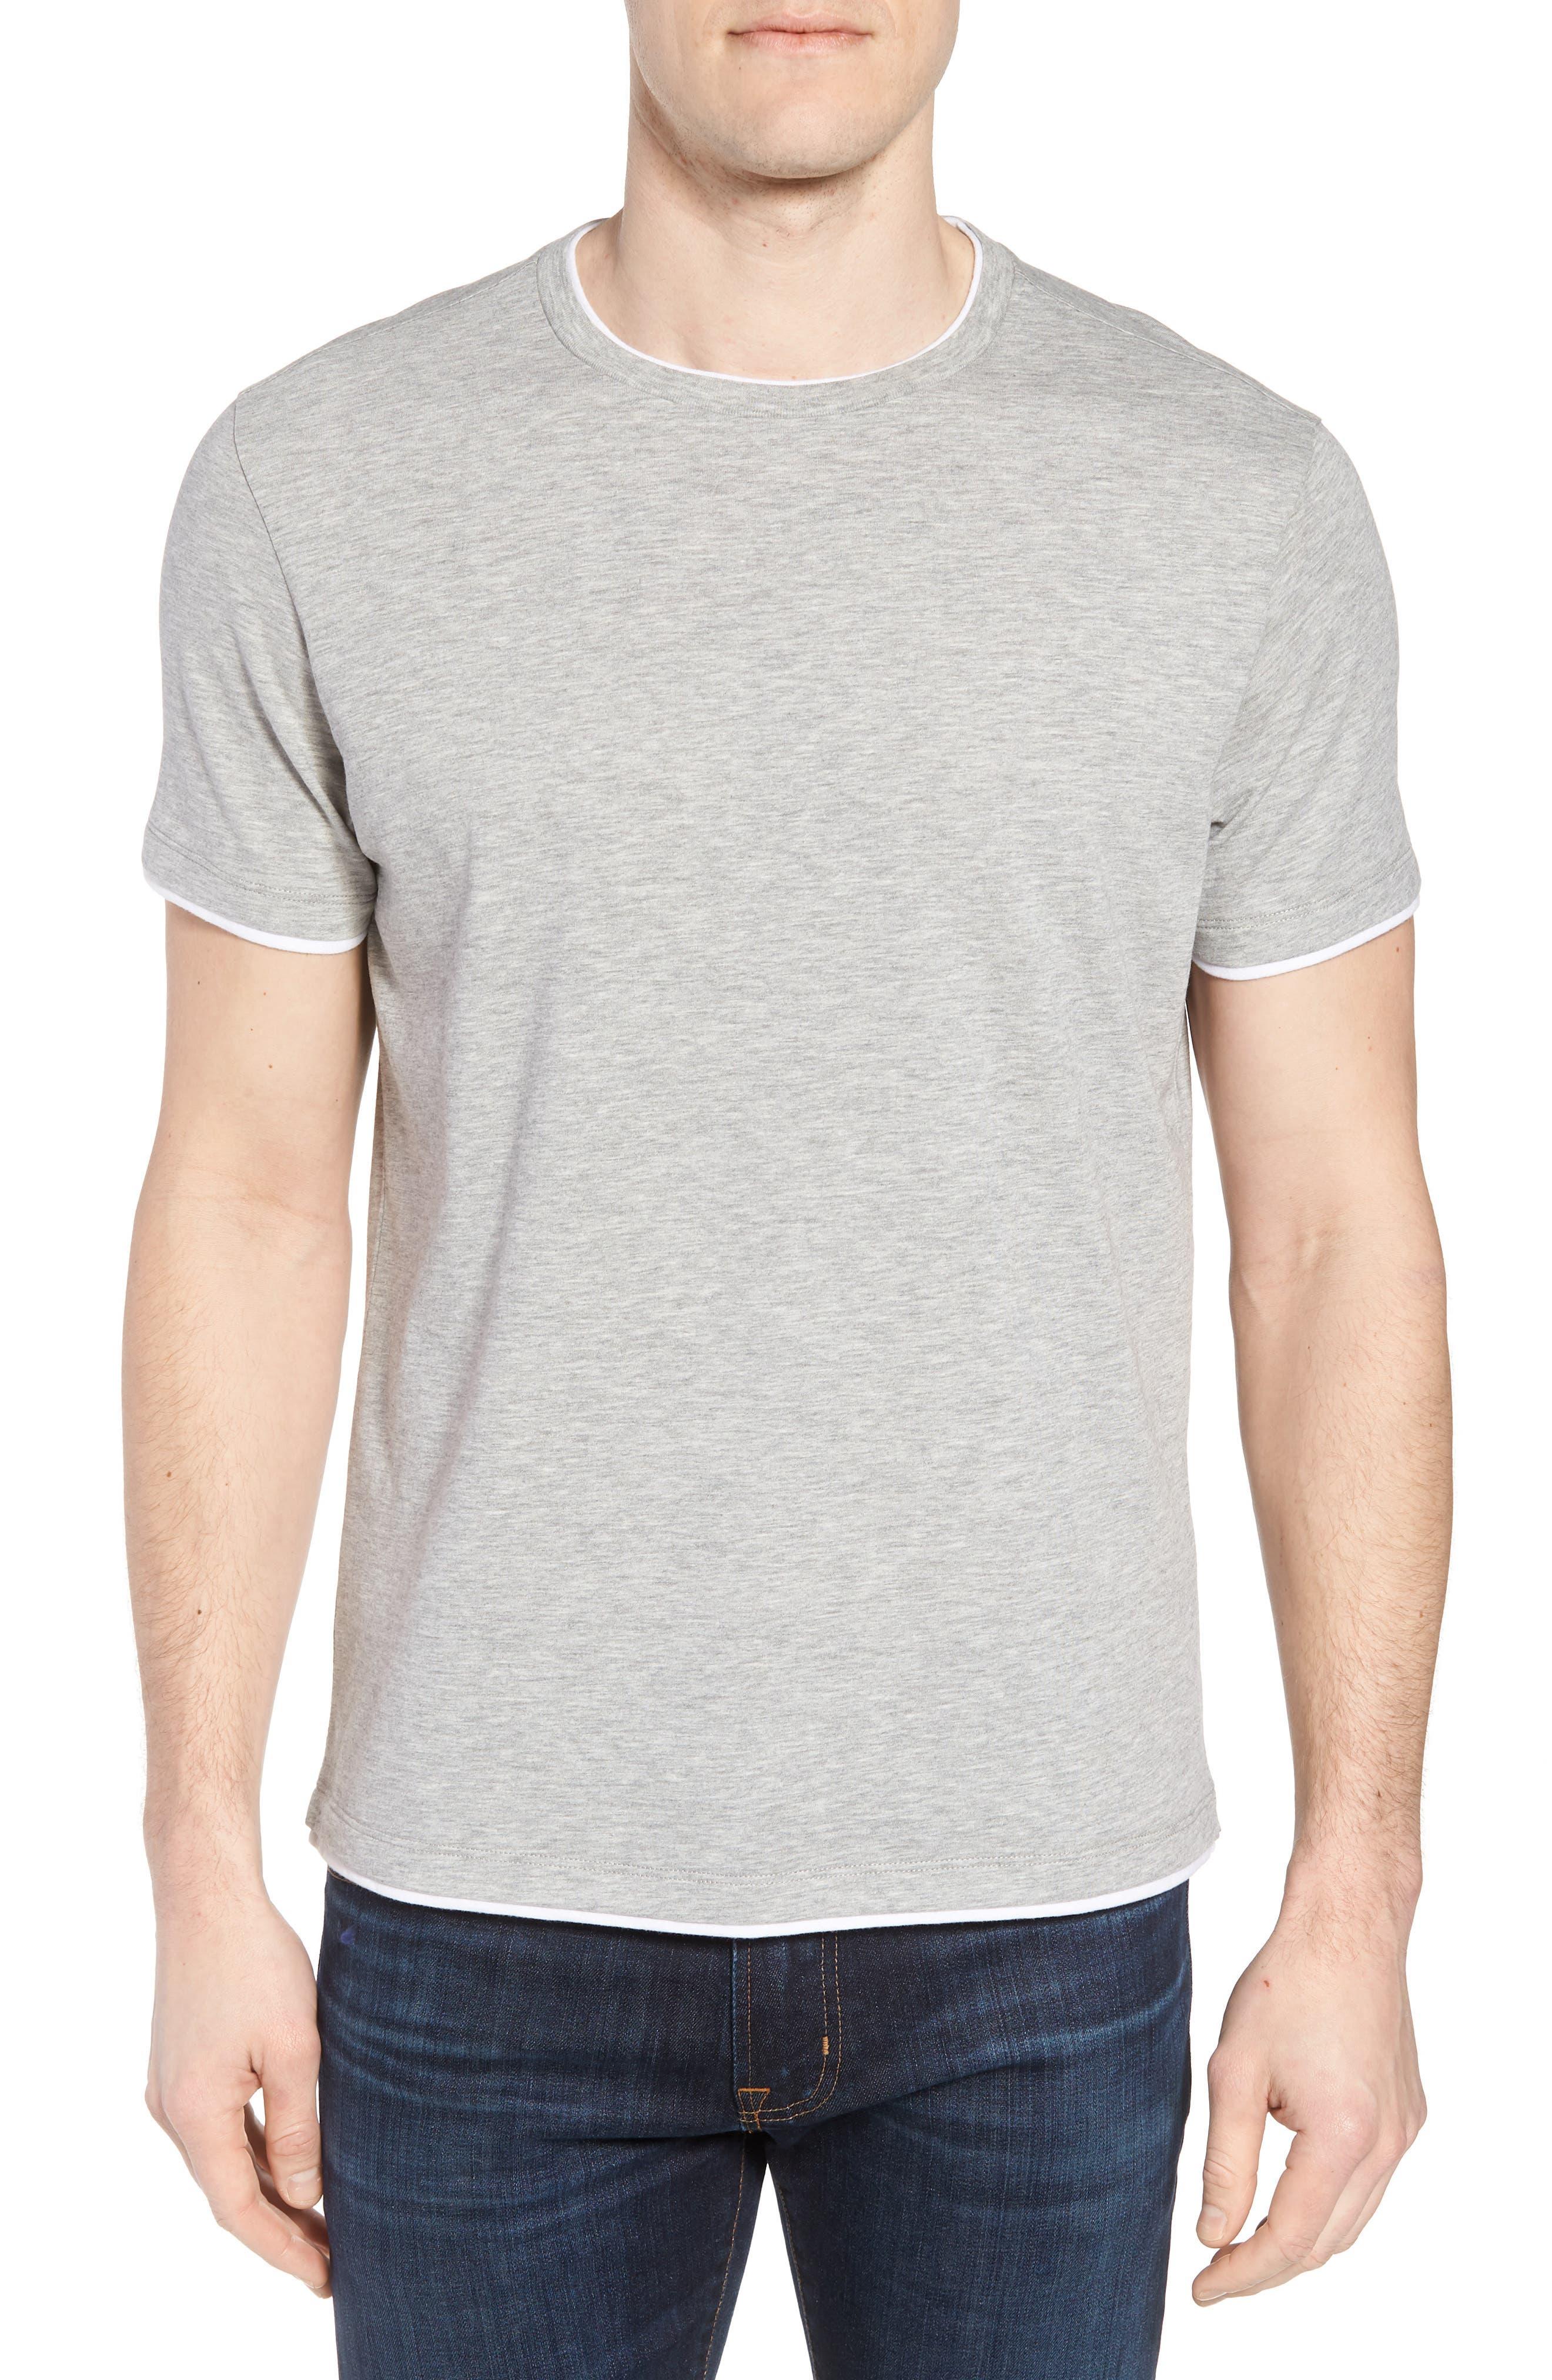 Halifax Crewneck T-Shirt,                         Main,                         color, Light Grey